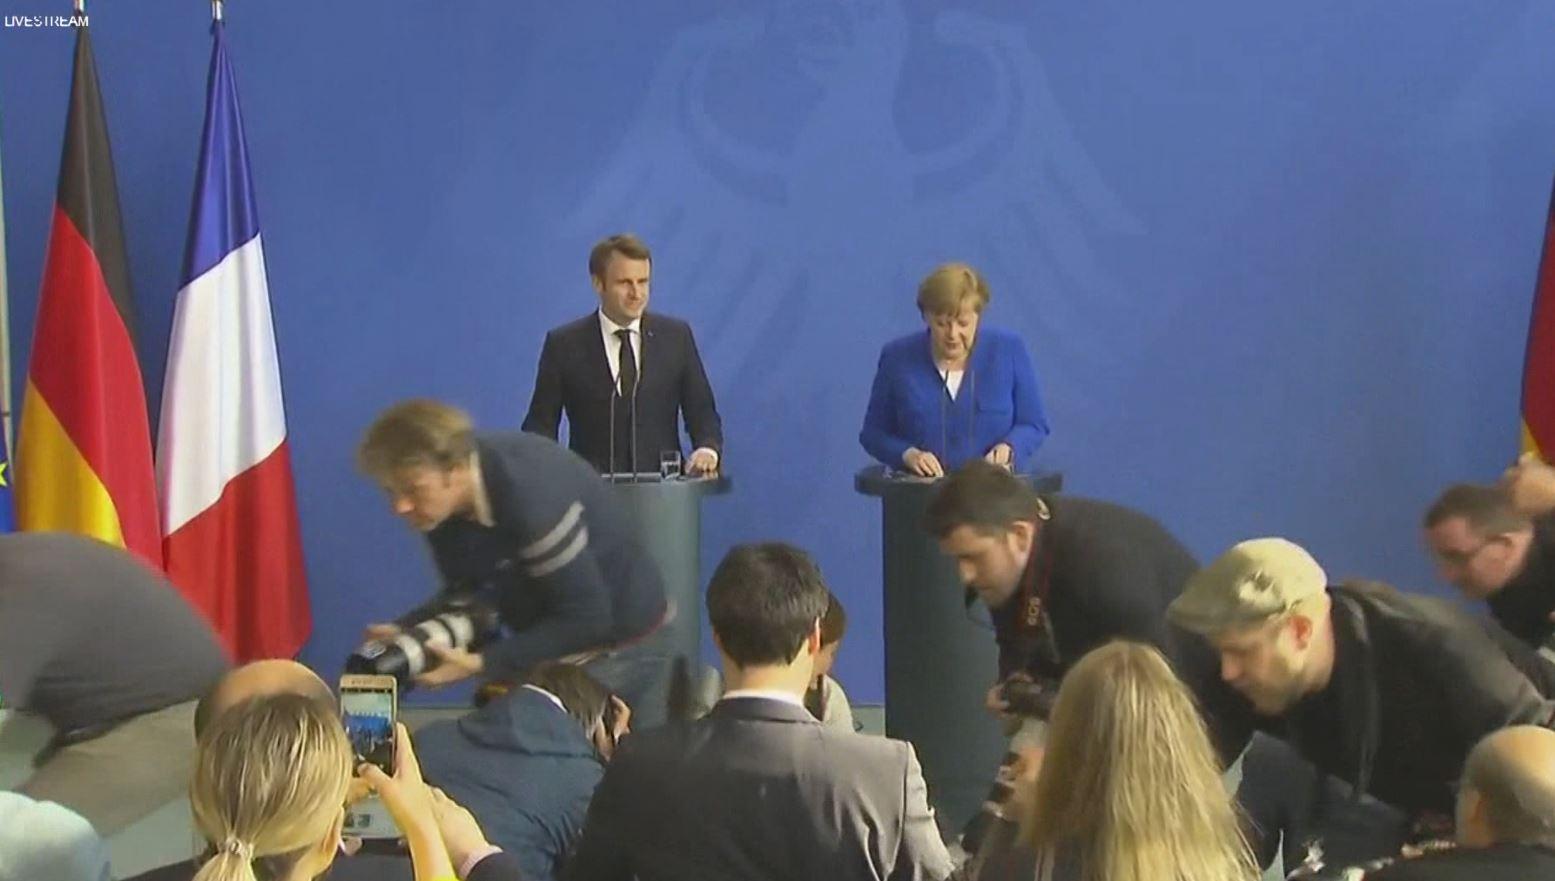 Çështja mes Kosovës dhe Serbisë, Merkel dhe Macron thonë fjalën e tyre